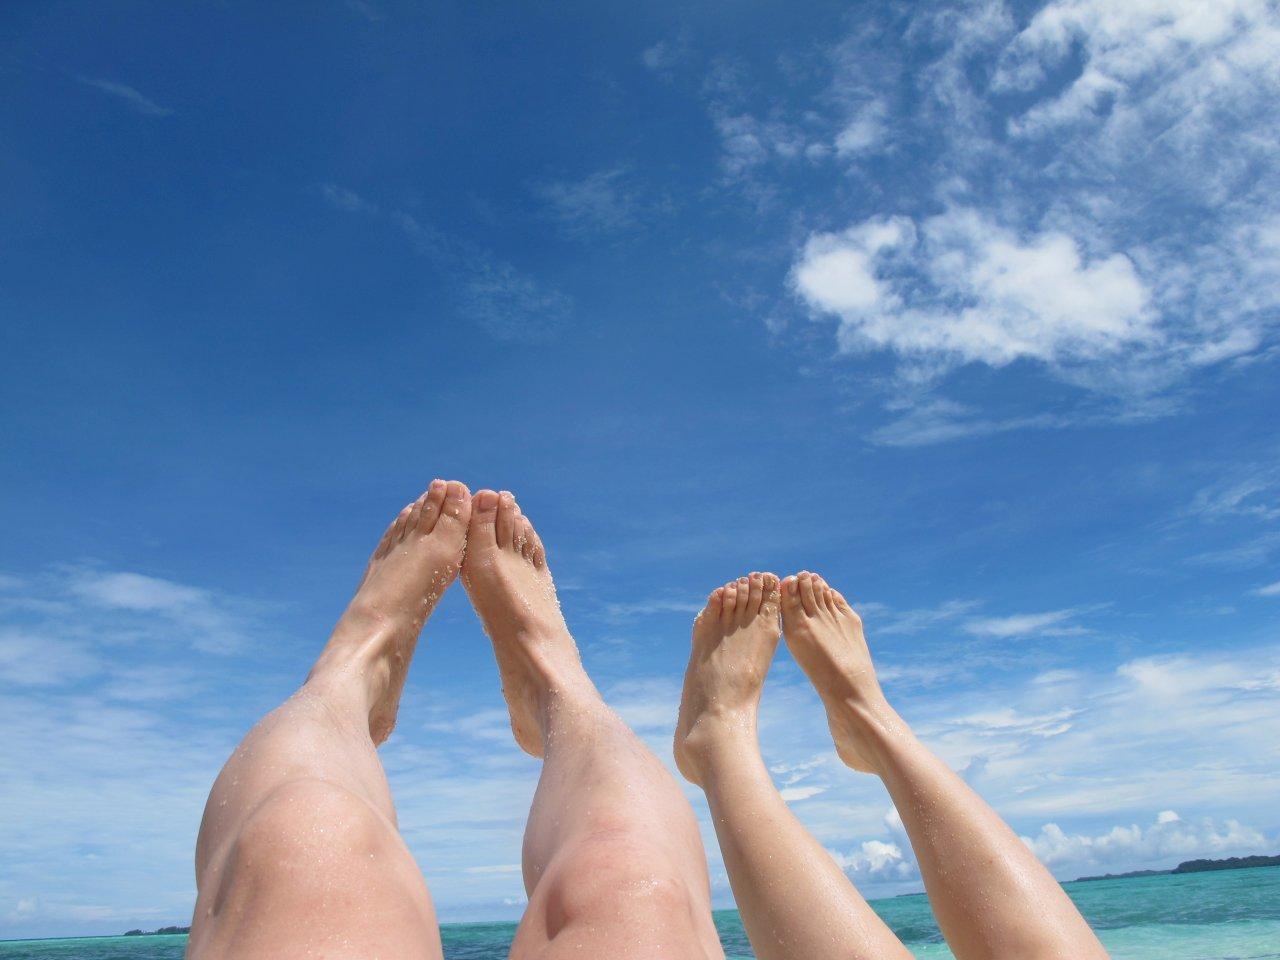 旅行習慣大調查,旅遊品質好壞的關鍵